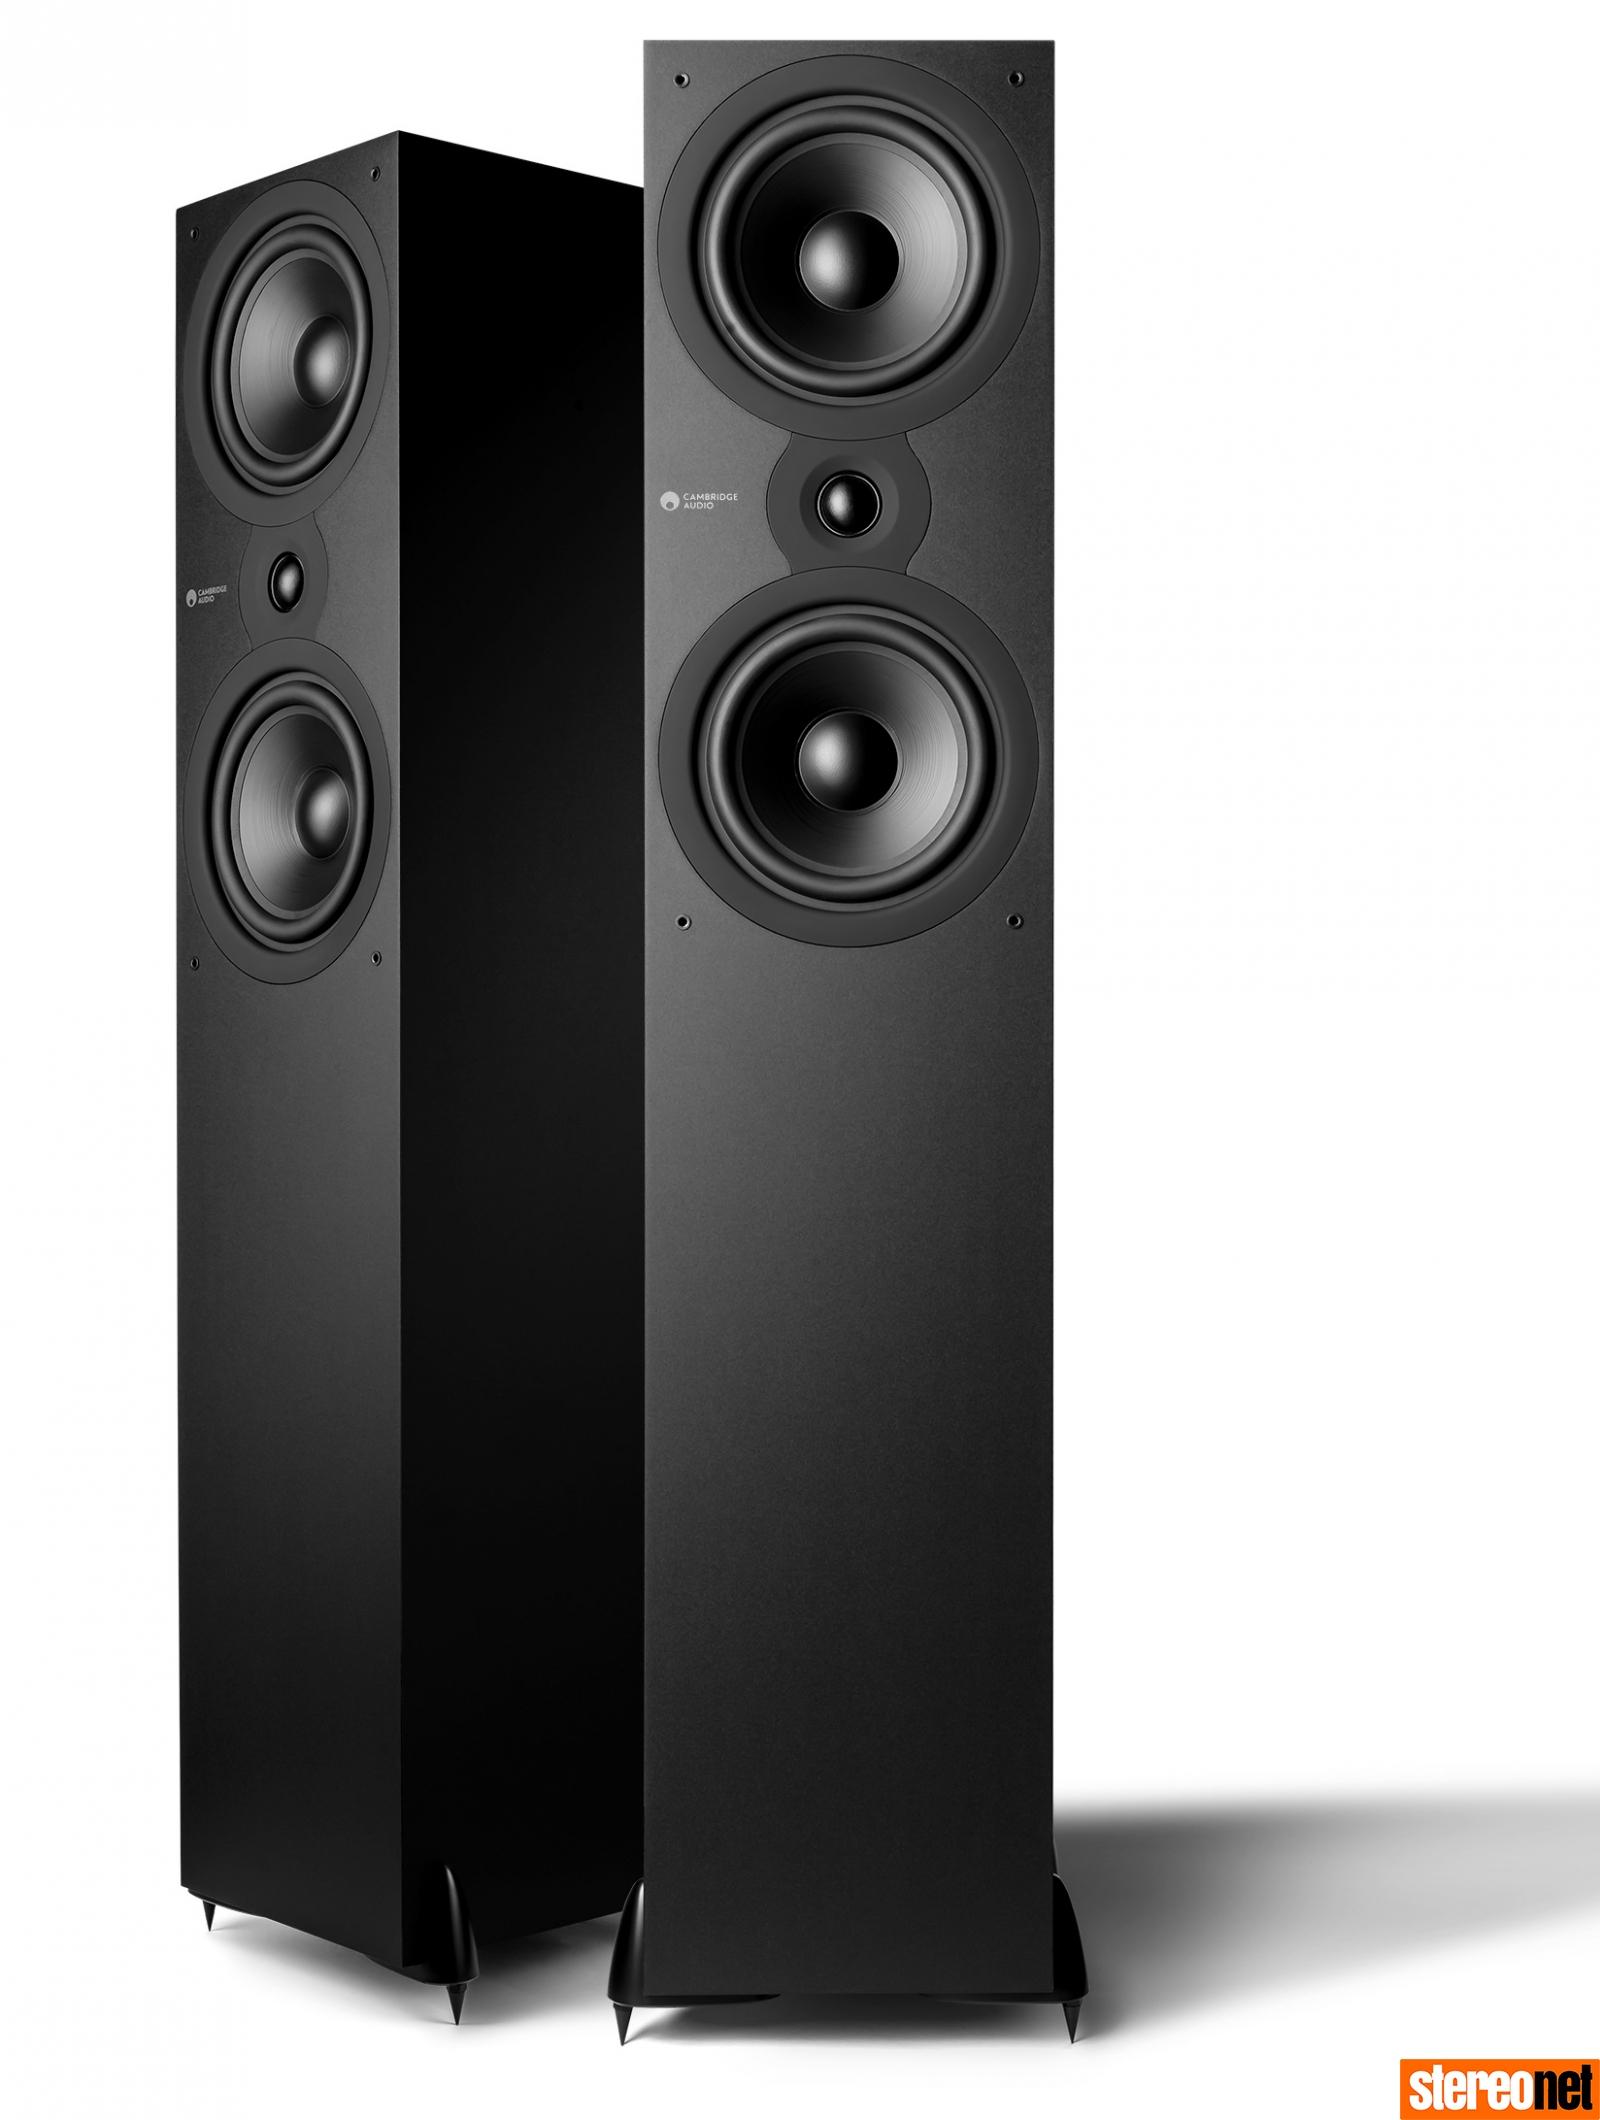 Cambridge Audio SX speakers